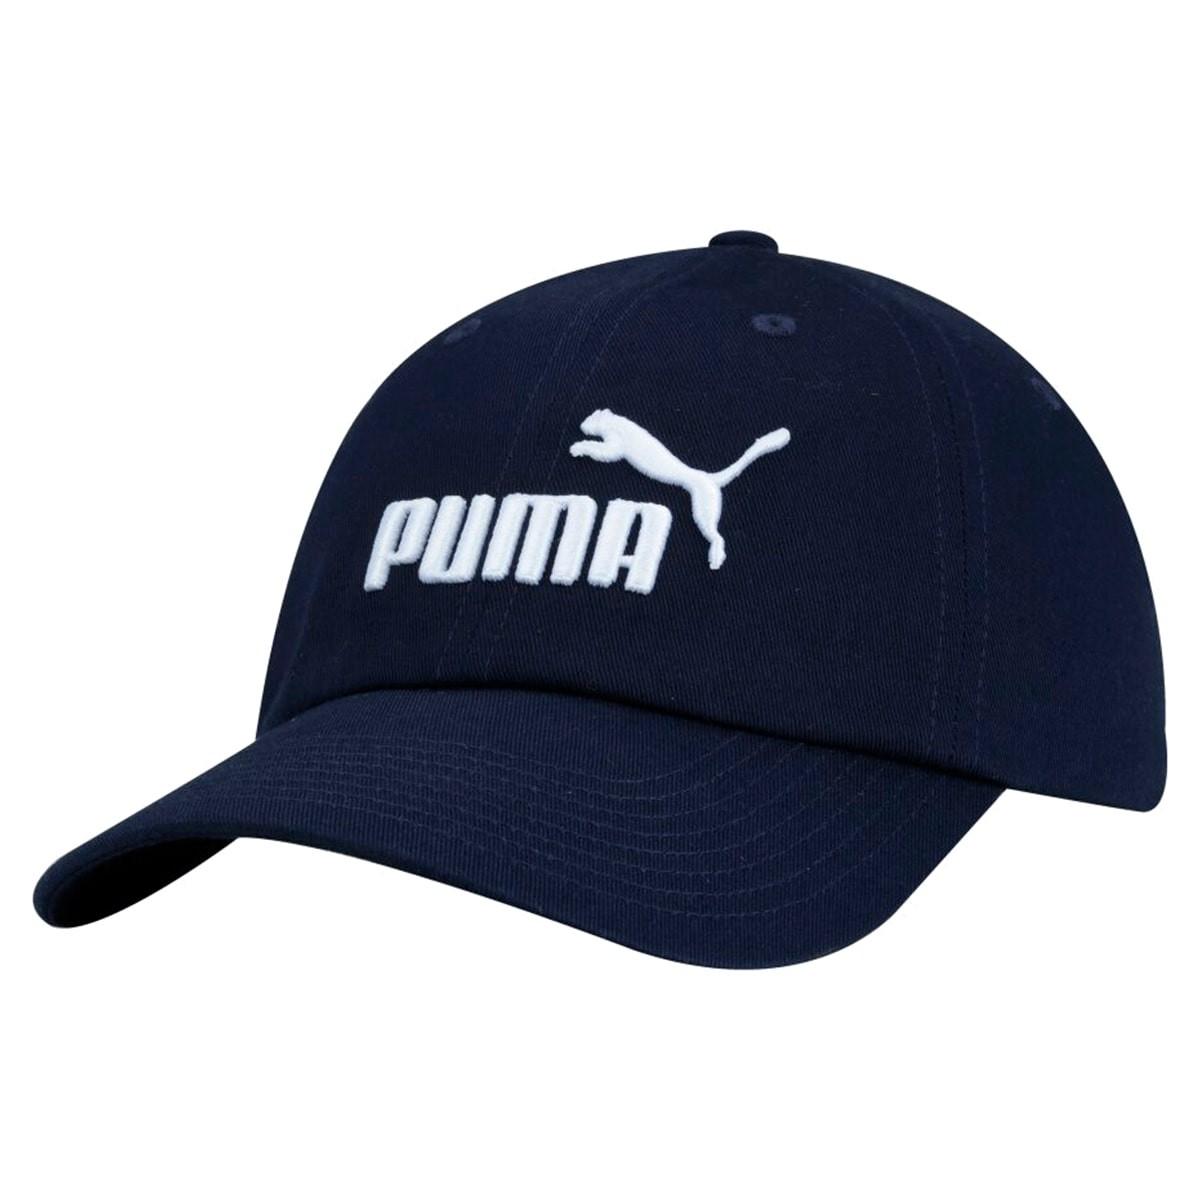 Boné Puma Aba Curva Ess Azul Marinho